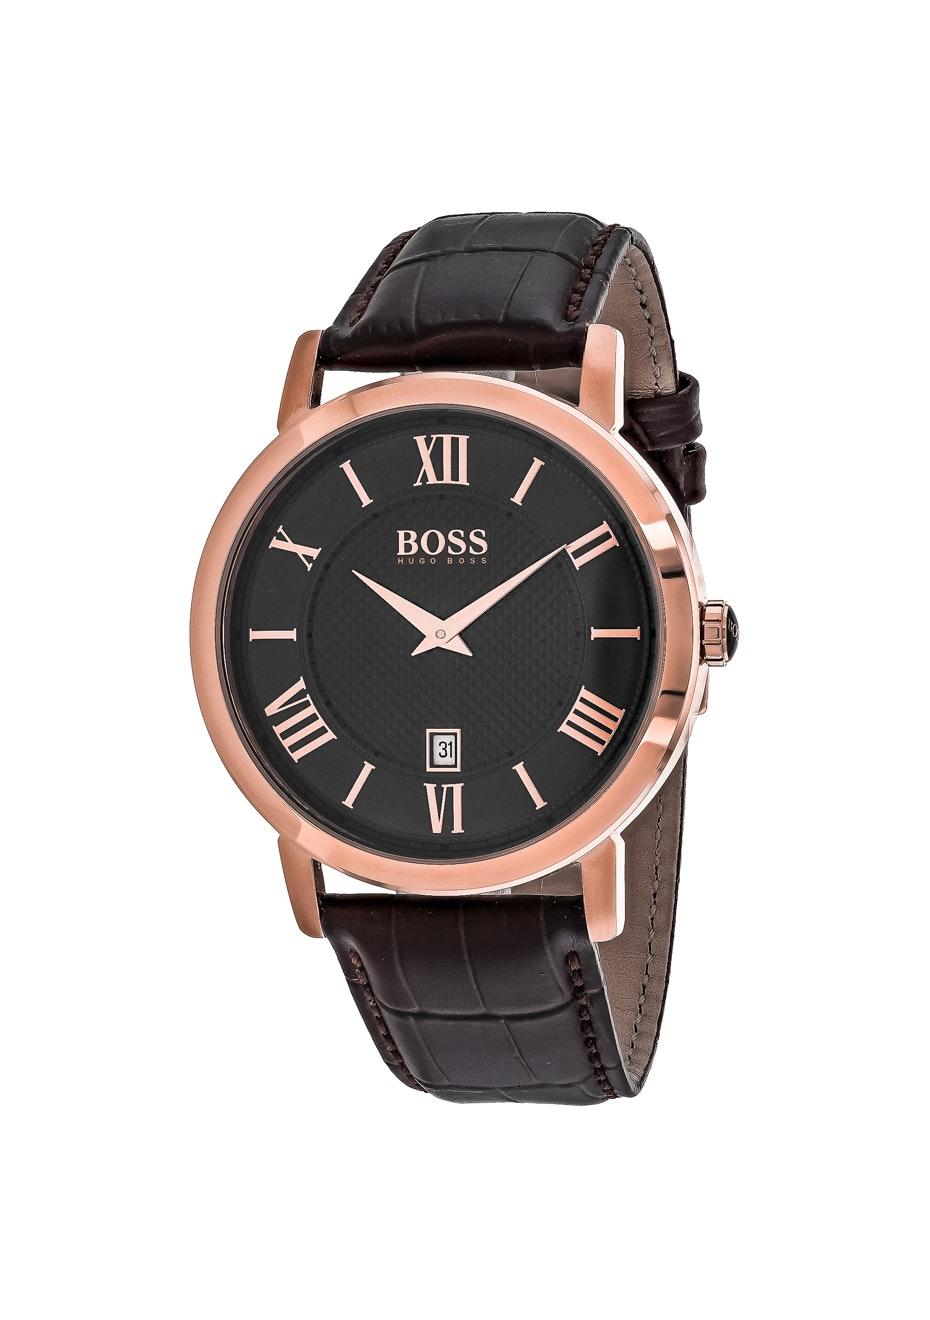 Hugo boss Men's Classic - Grey/Brown